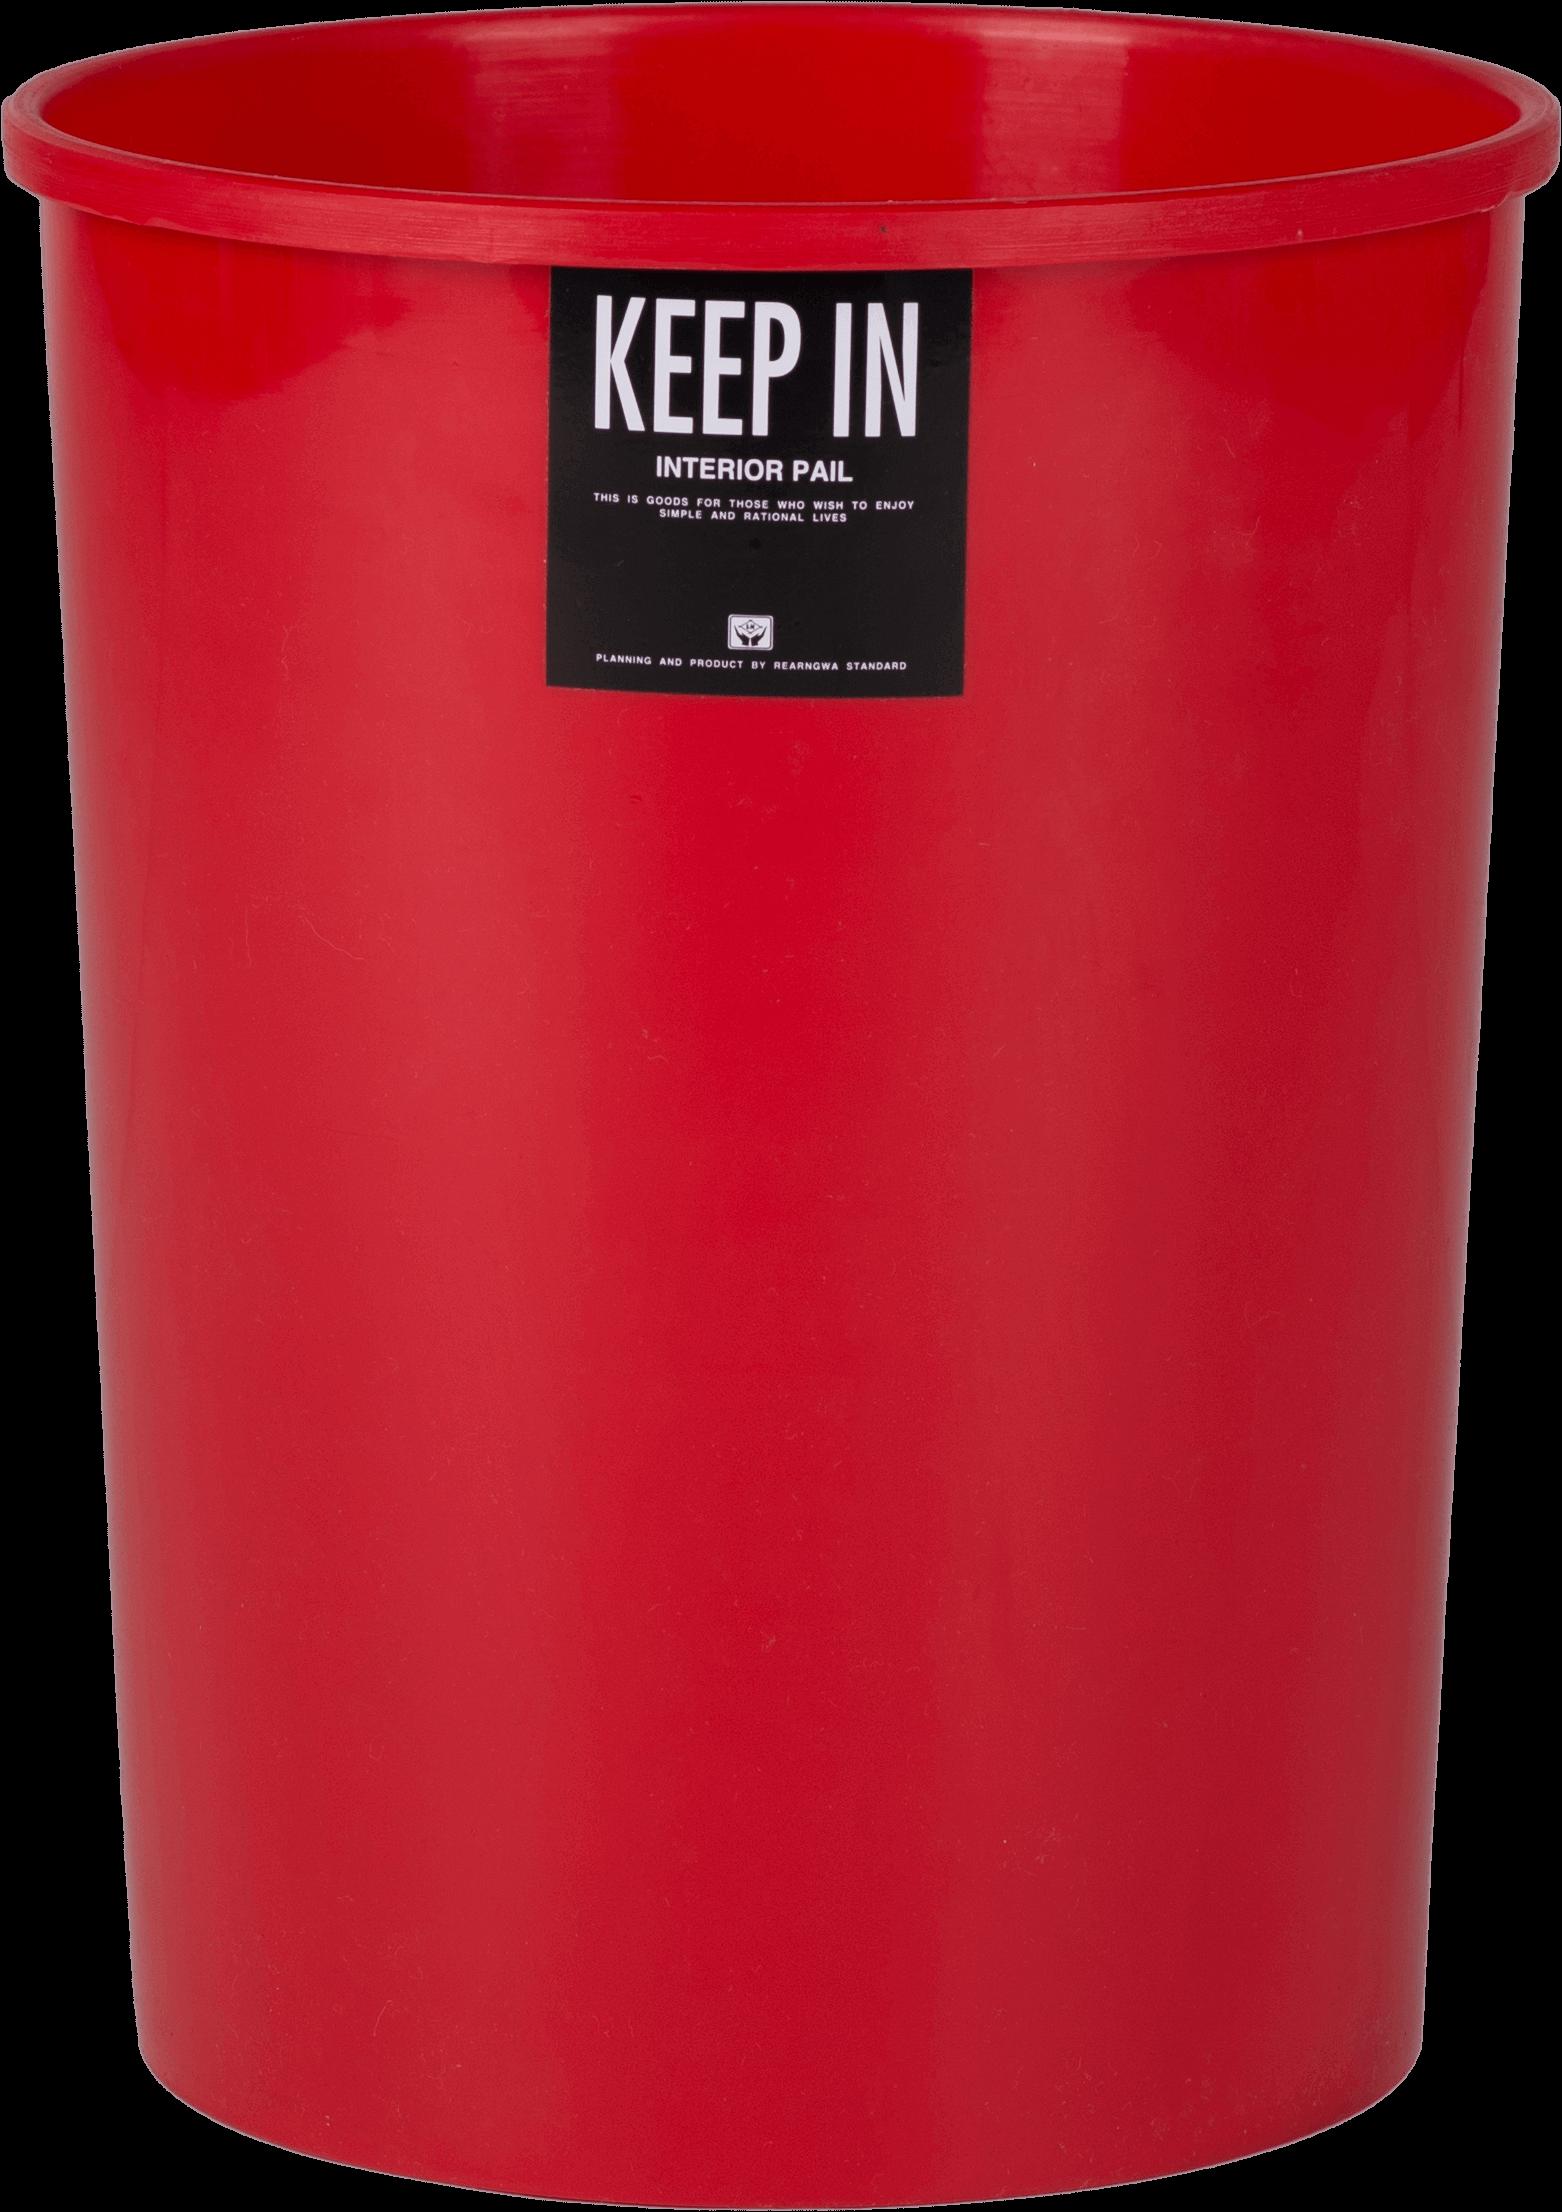 ถังขยะ สแตนดาร์ด No. RW9073 สีแดง